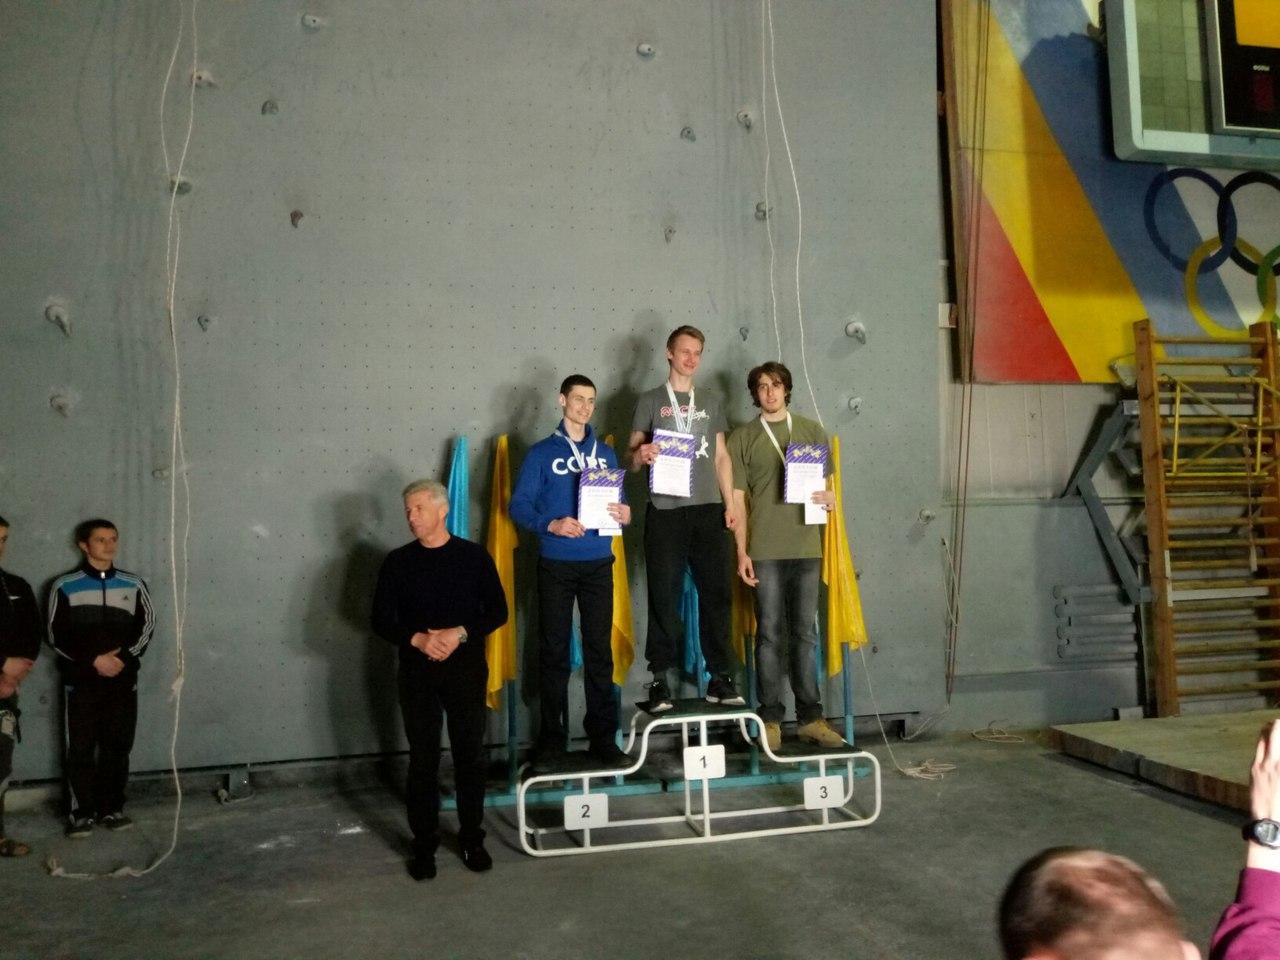 Победители кременчуг универсиада скалолазание 2017